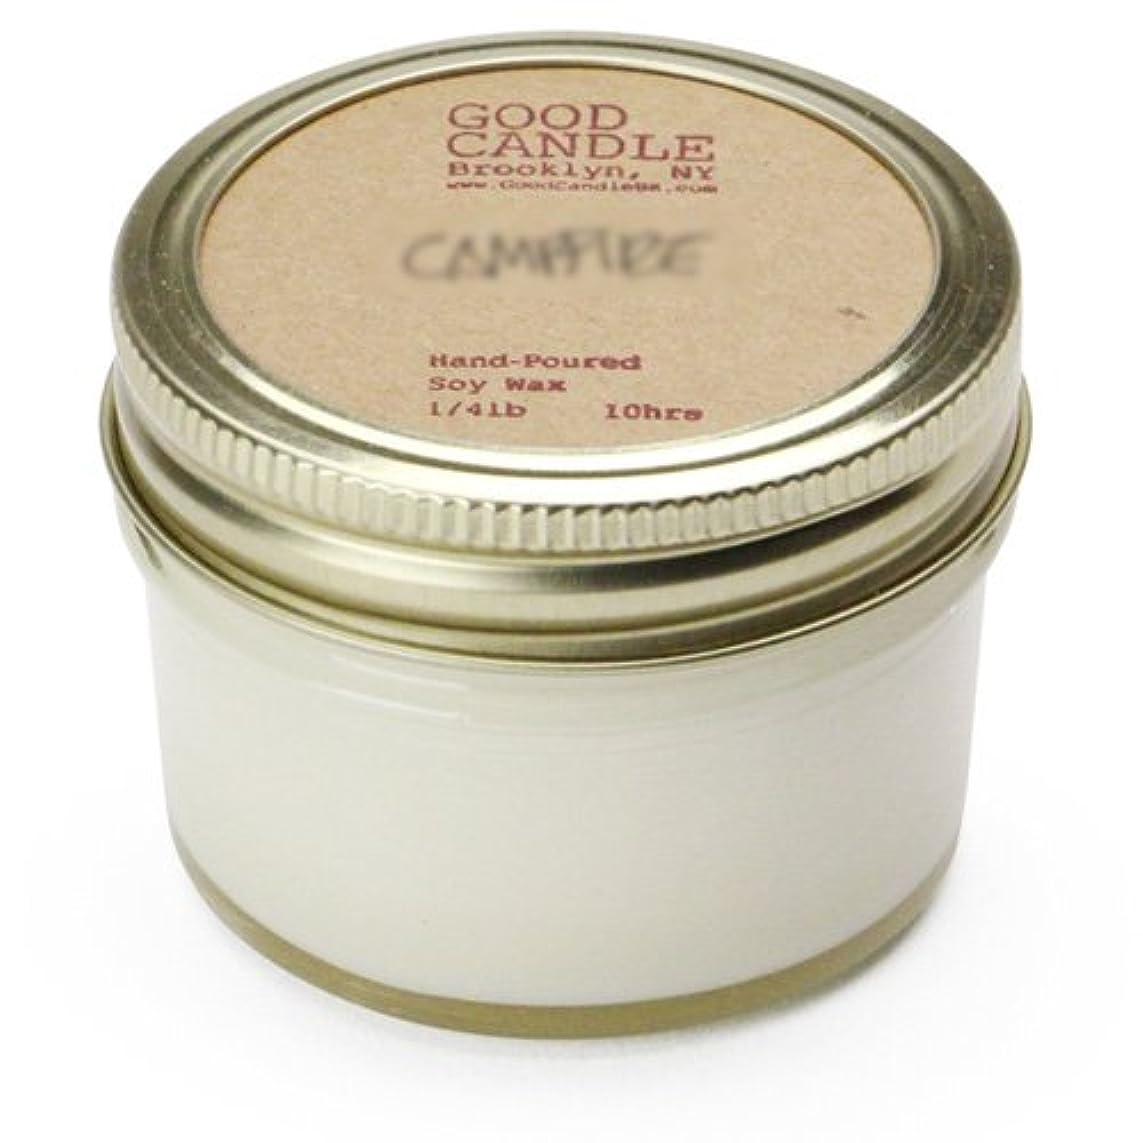 反応するはねかける業界グッドキャンドル 1/4ポンド ゼリージャー キャンドル Good Candle 1/4LB Jelly jar candle [ Basil ] 正規品